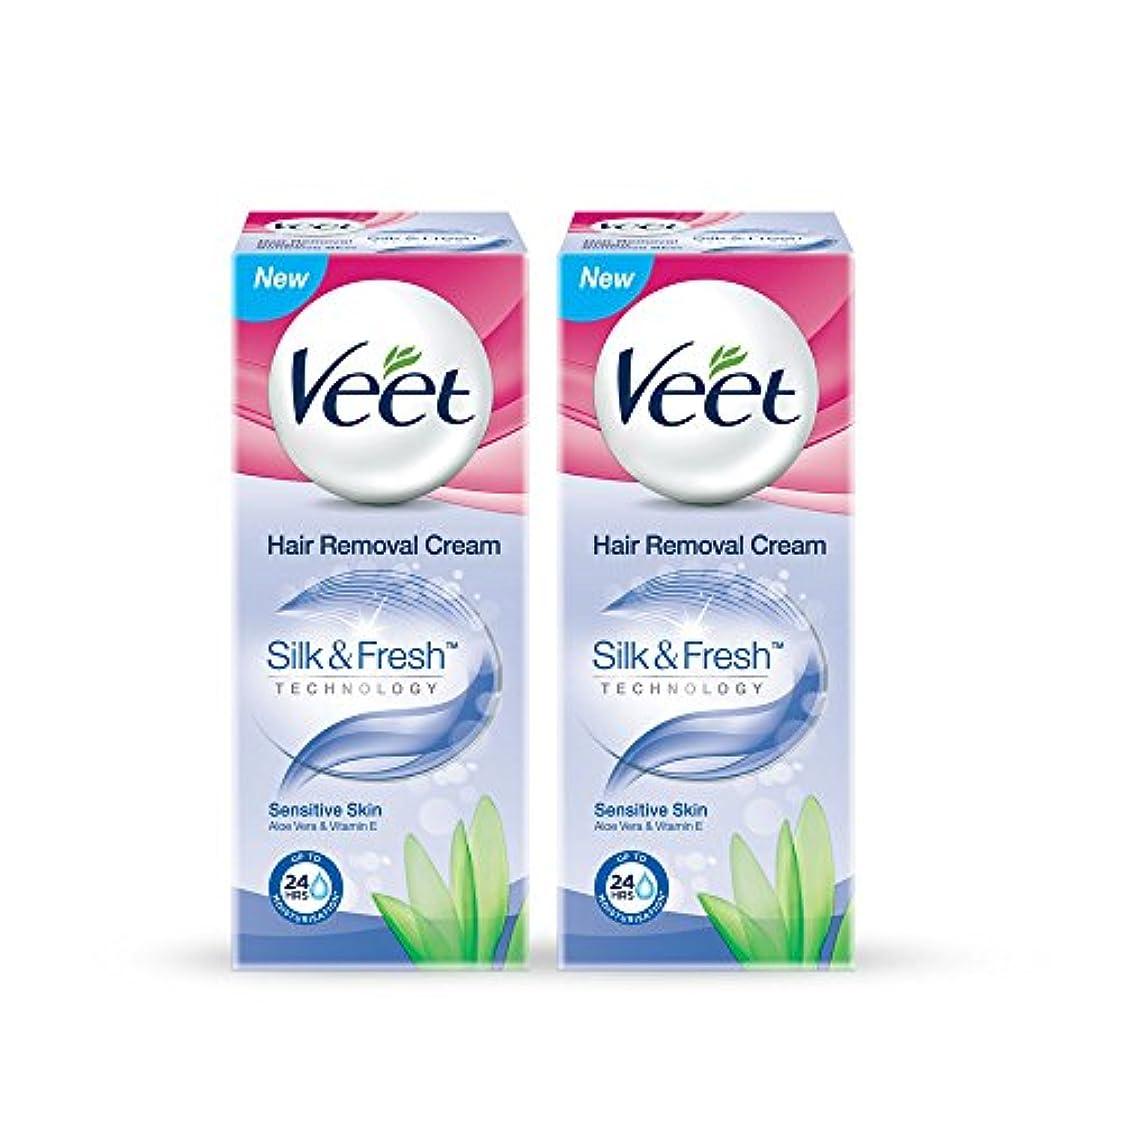 本質的に郵便番号舗装Veet Hair Removal Gel Cream For Sensitive Skin With Aloe Vera and Vitamin E 25 g (Pack of 2)